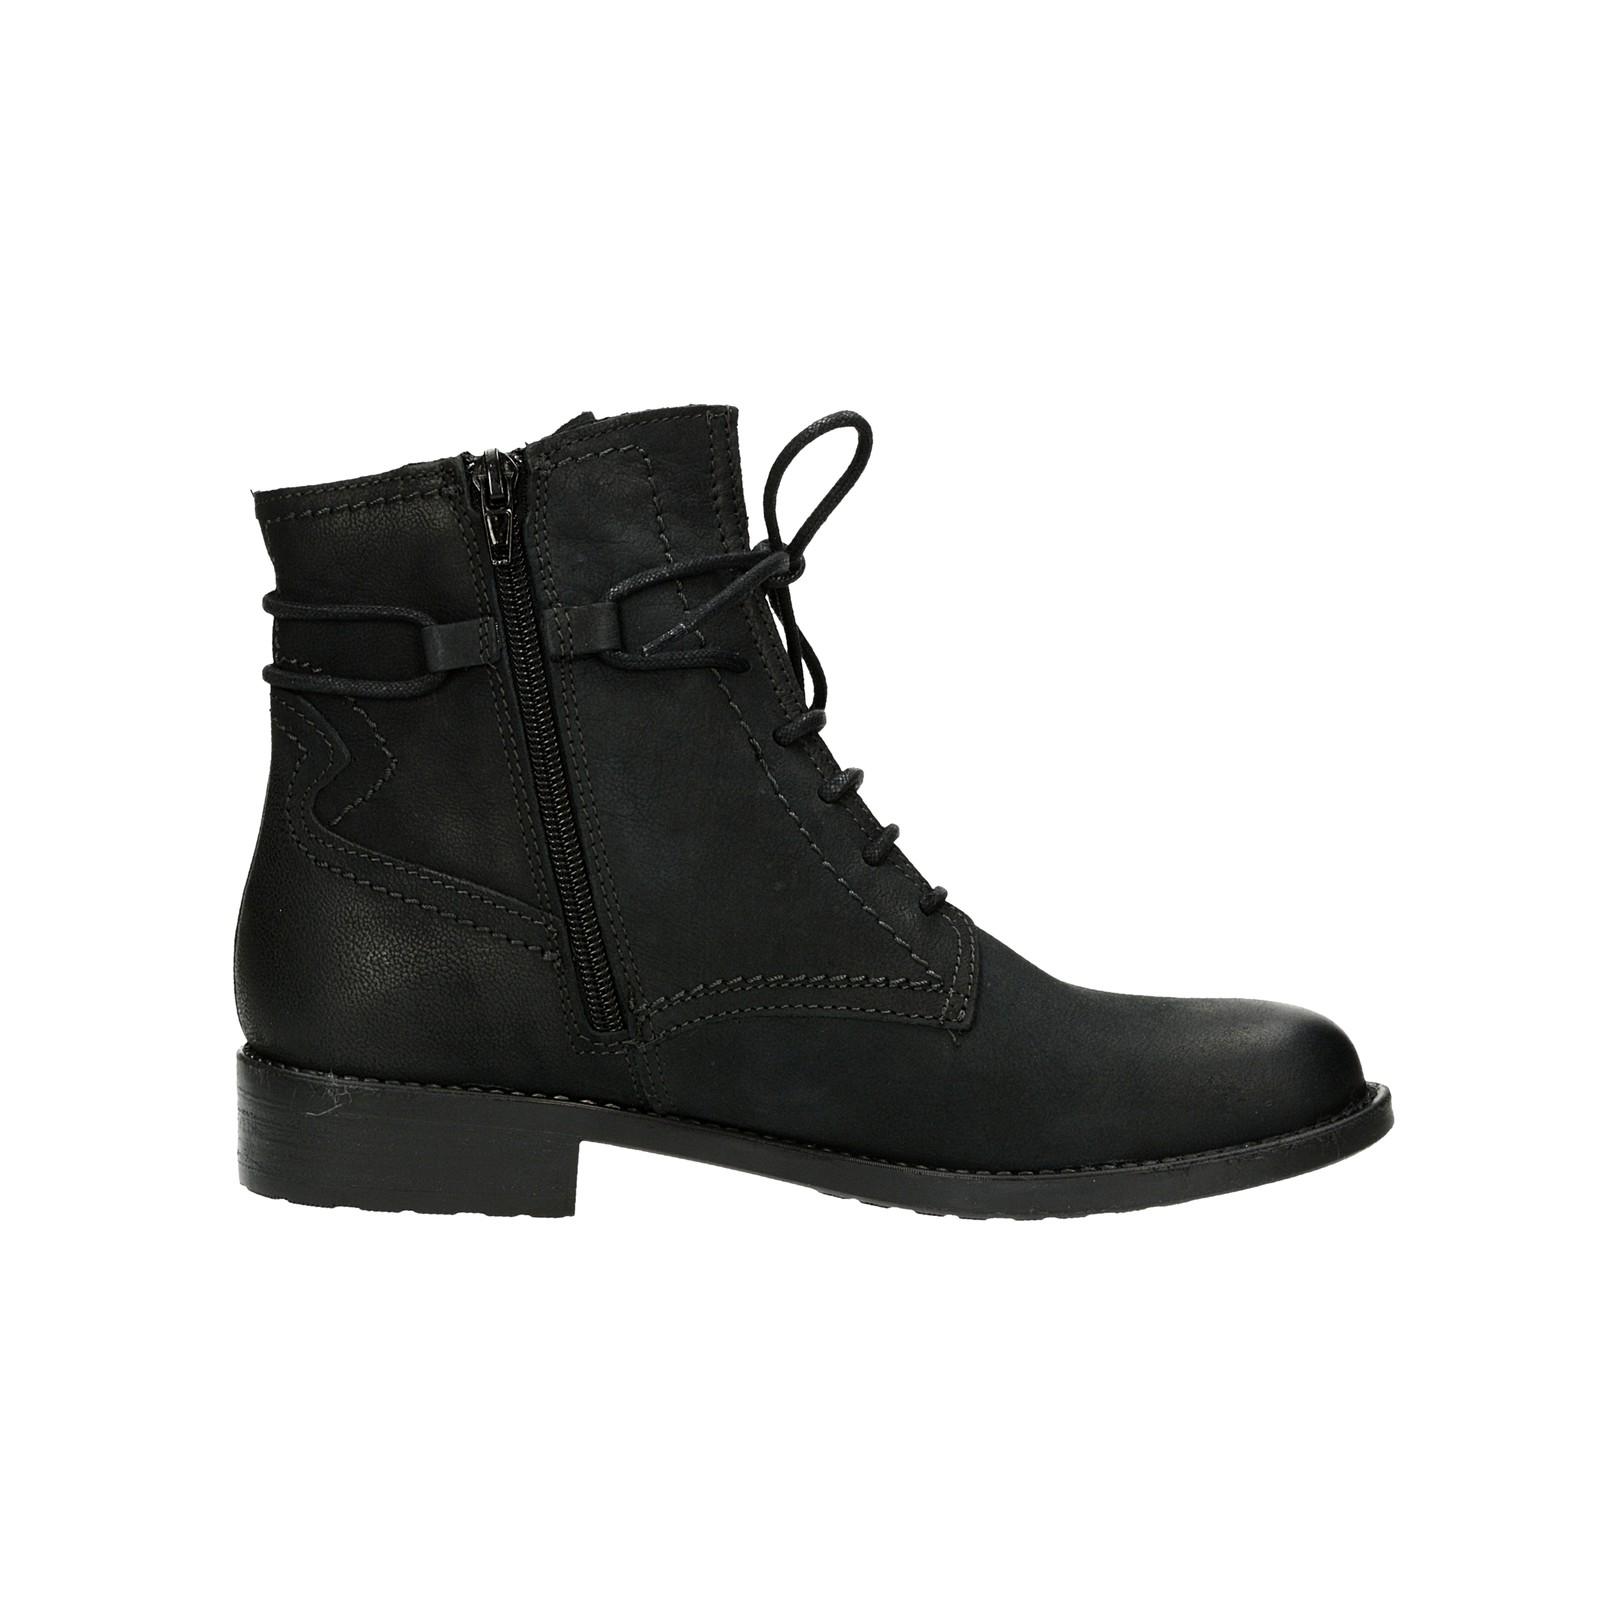 83d99ef6b09 Tamaris dámske nubukové kotníky - čierne ...